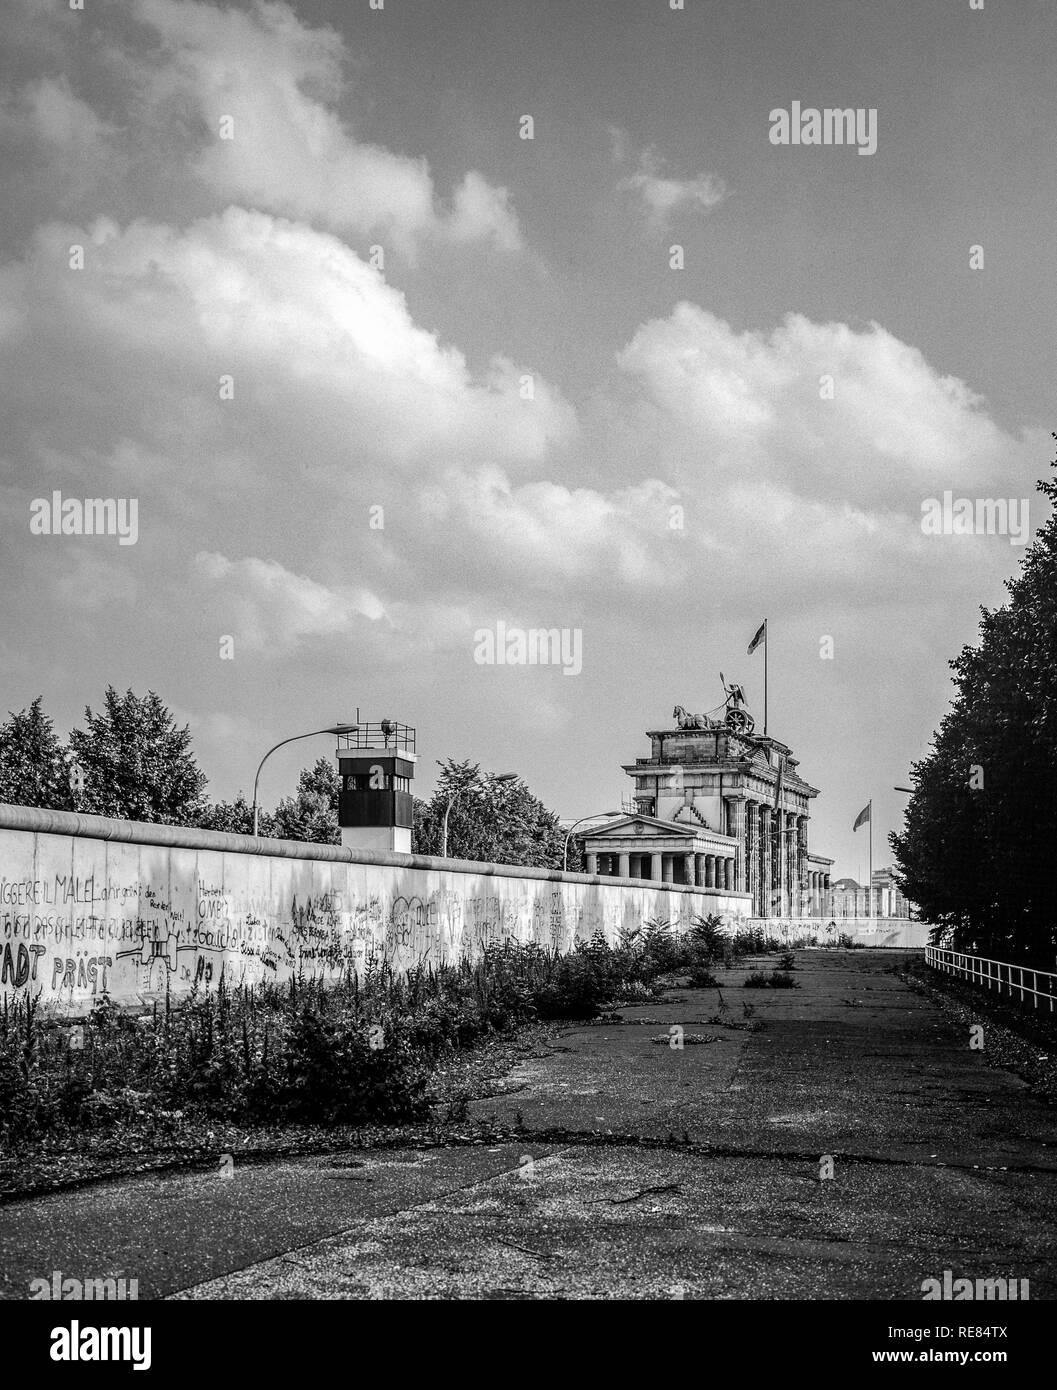 Agosto de 1986, el muro de Berlín y East-Berlin atalaya situada junto a la Puerta de Brandenburgo, Berlín occidental, Alemania, Europa, Imagen De Stock